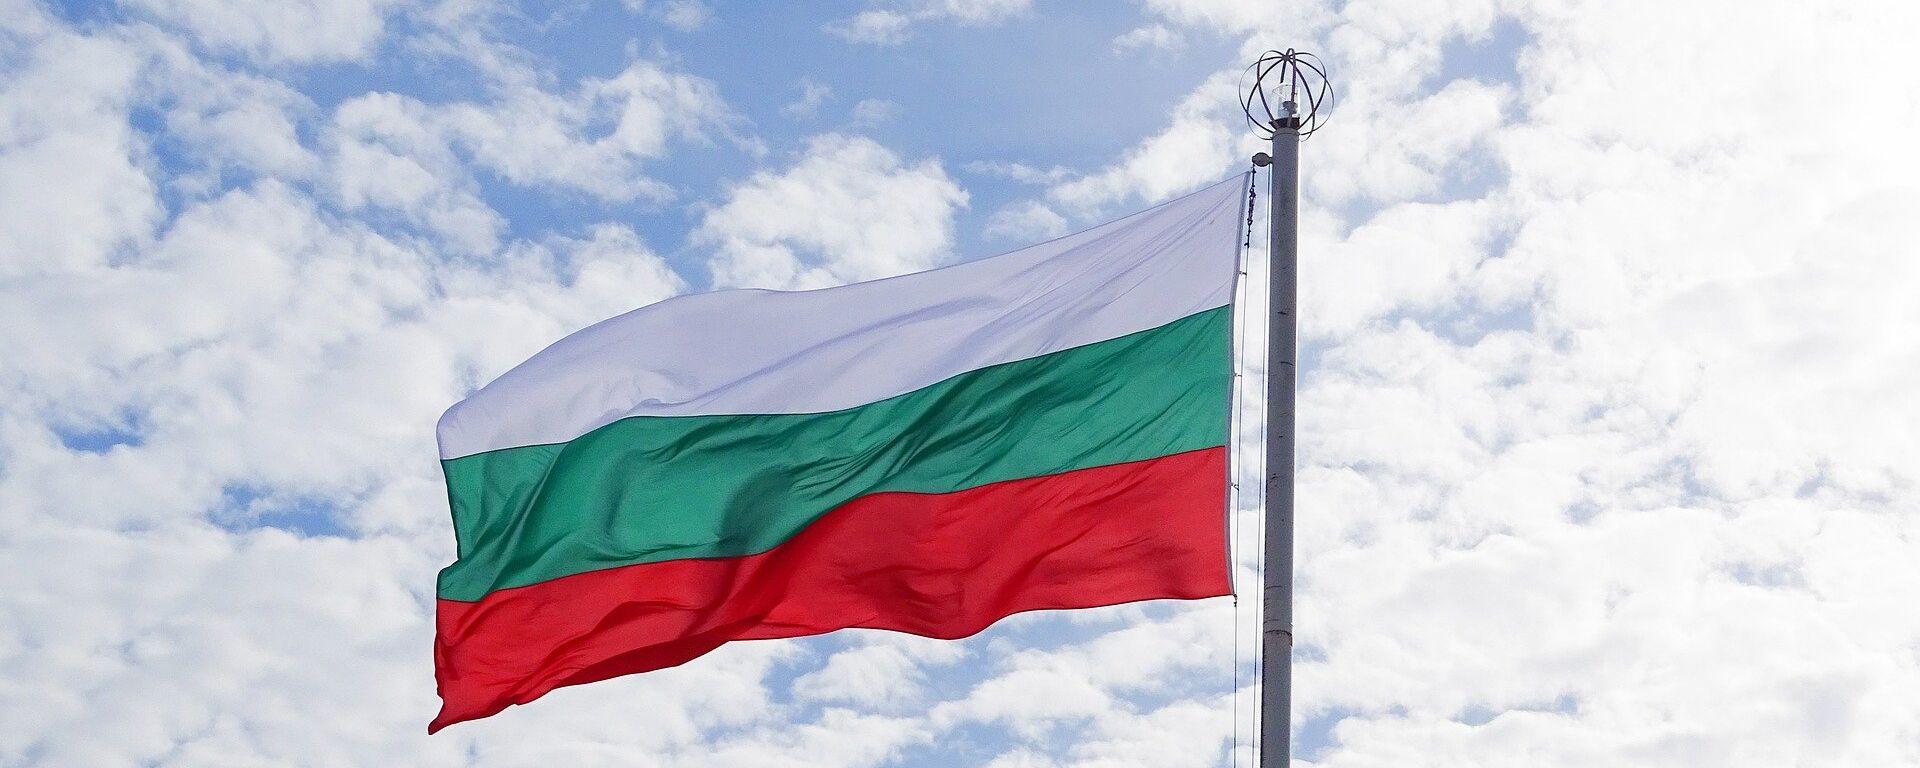 Η σημαία της Βουλγαρίας - Sputnik Ελλάδα, 1920, 11.02.2019